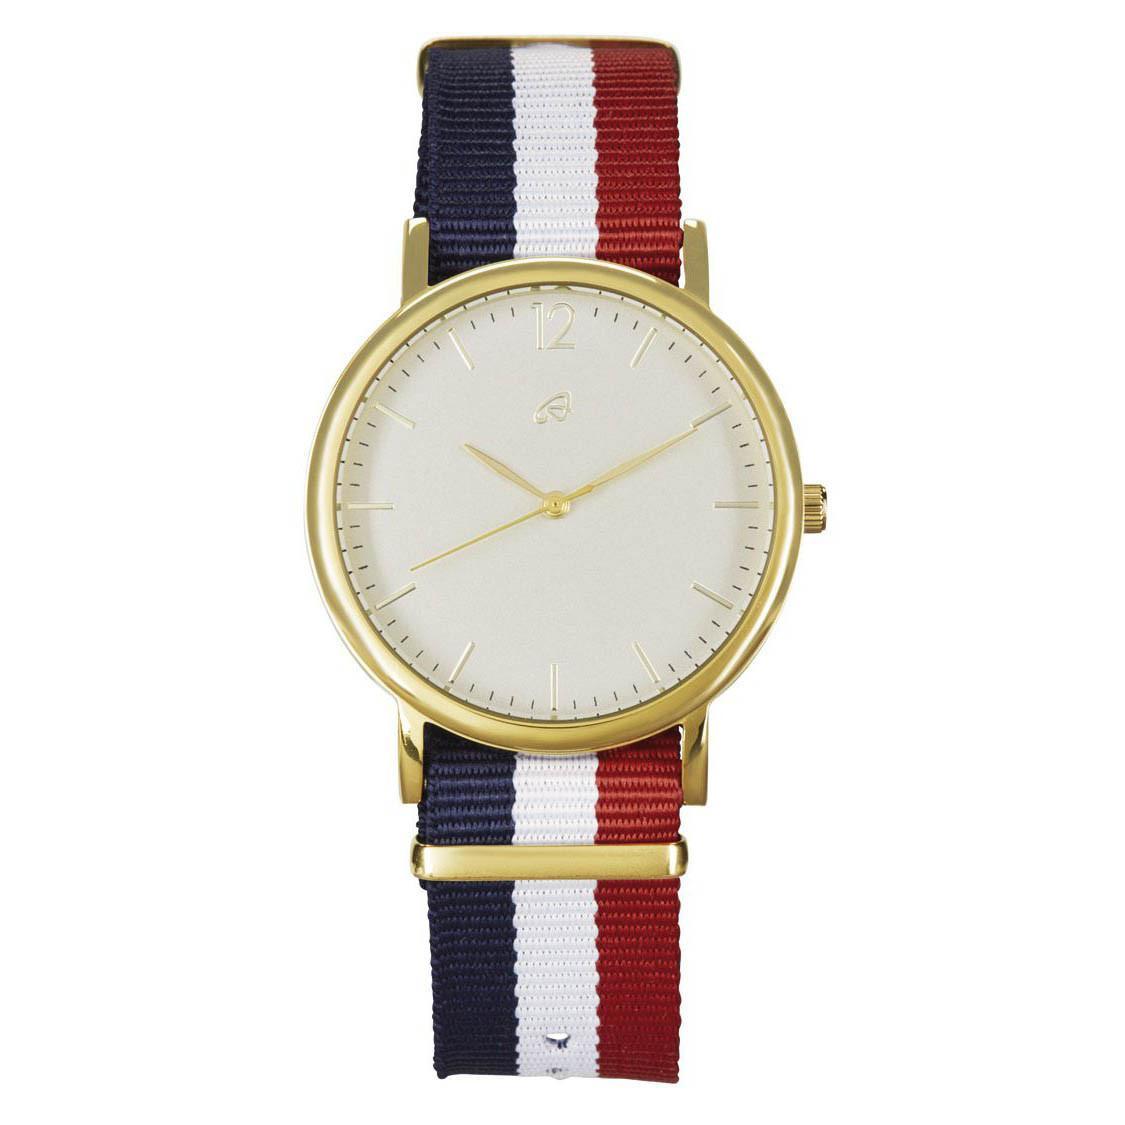 Жіночий годинник Auriol Slimline SKL35-187247